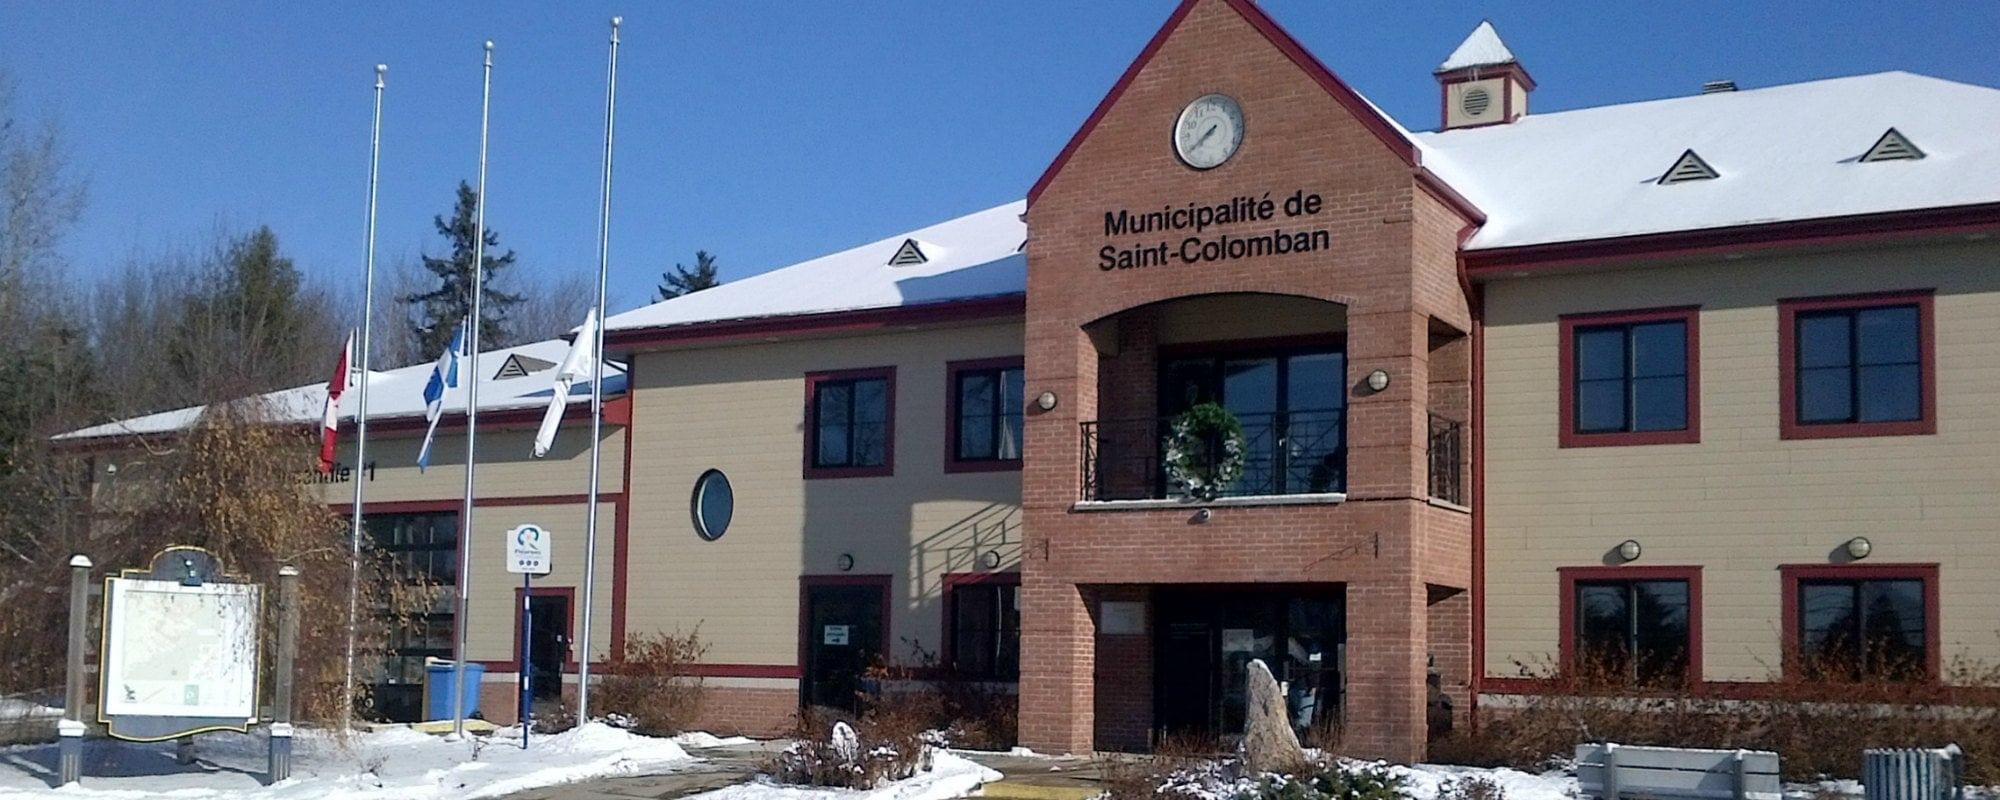 Les drapeaux ont été mis en berne à Saint-Colomban et Saint-Jérôme, afin de souligner les événements survenus en France ces jours-ci.